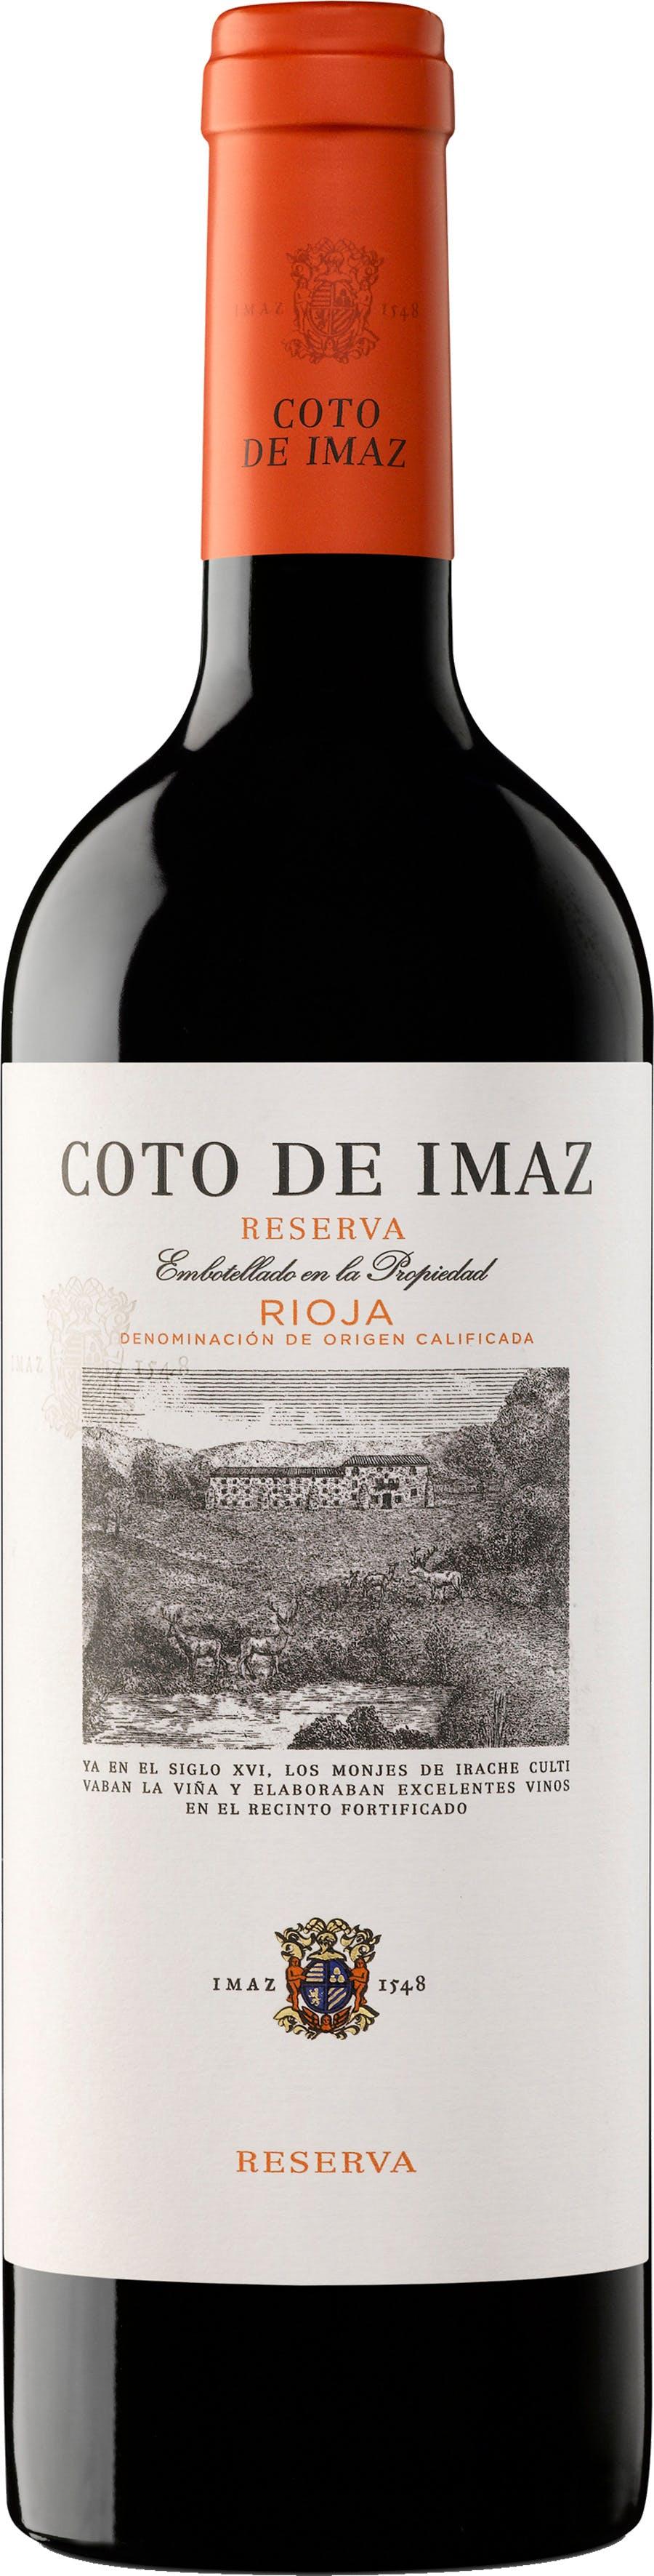 El Coto De Rioja Coto De Imaz Reserva 2015 Buster S Liquors Wines